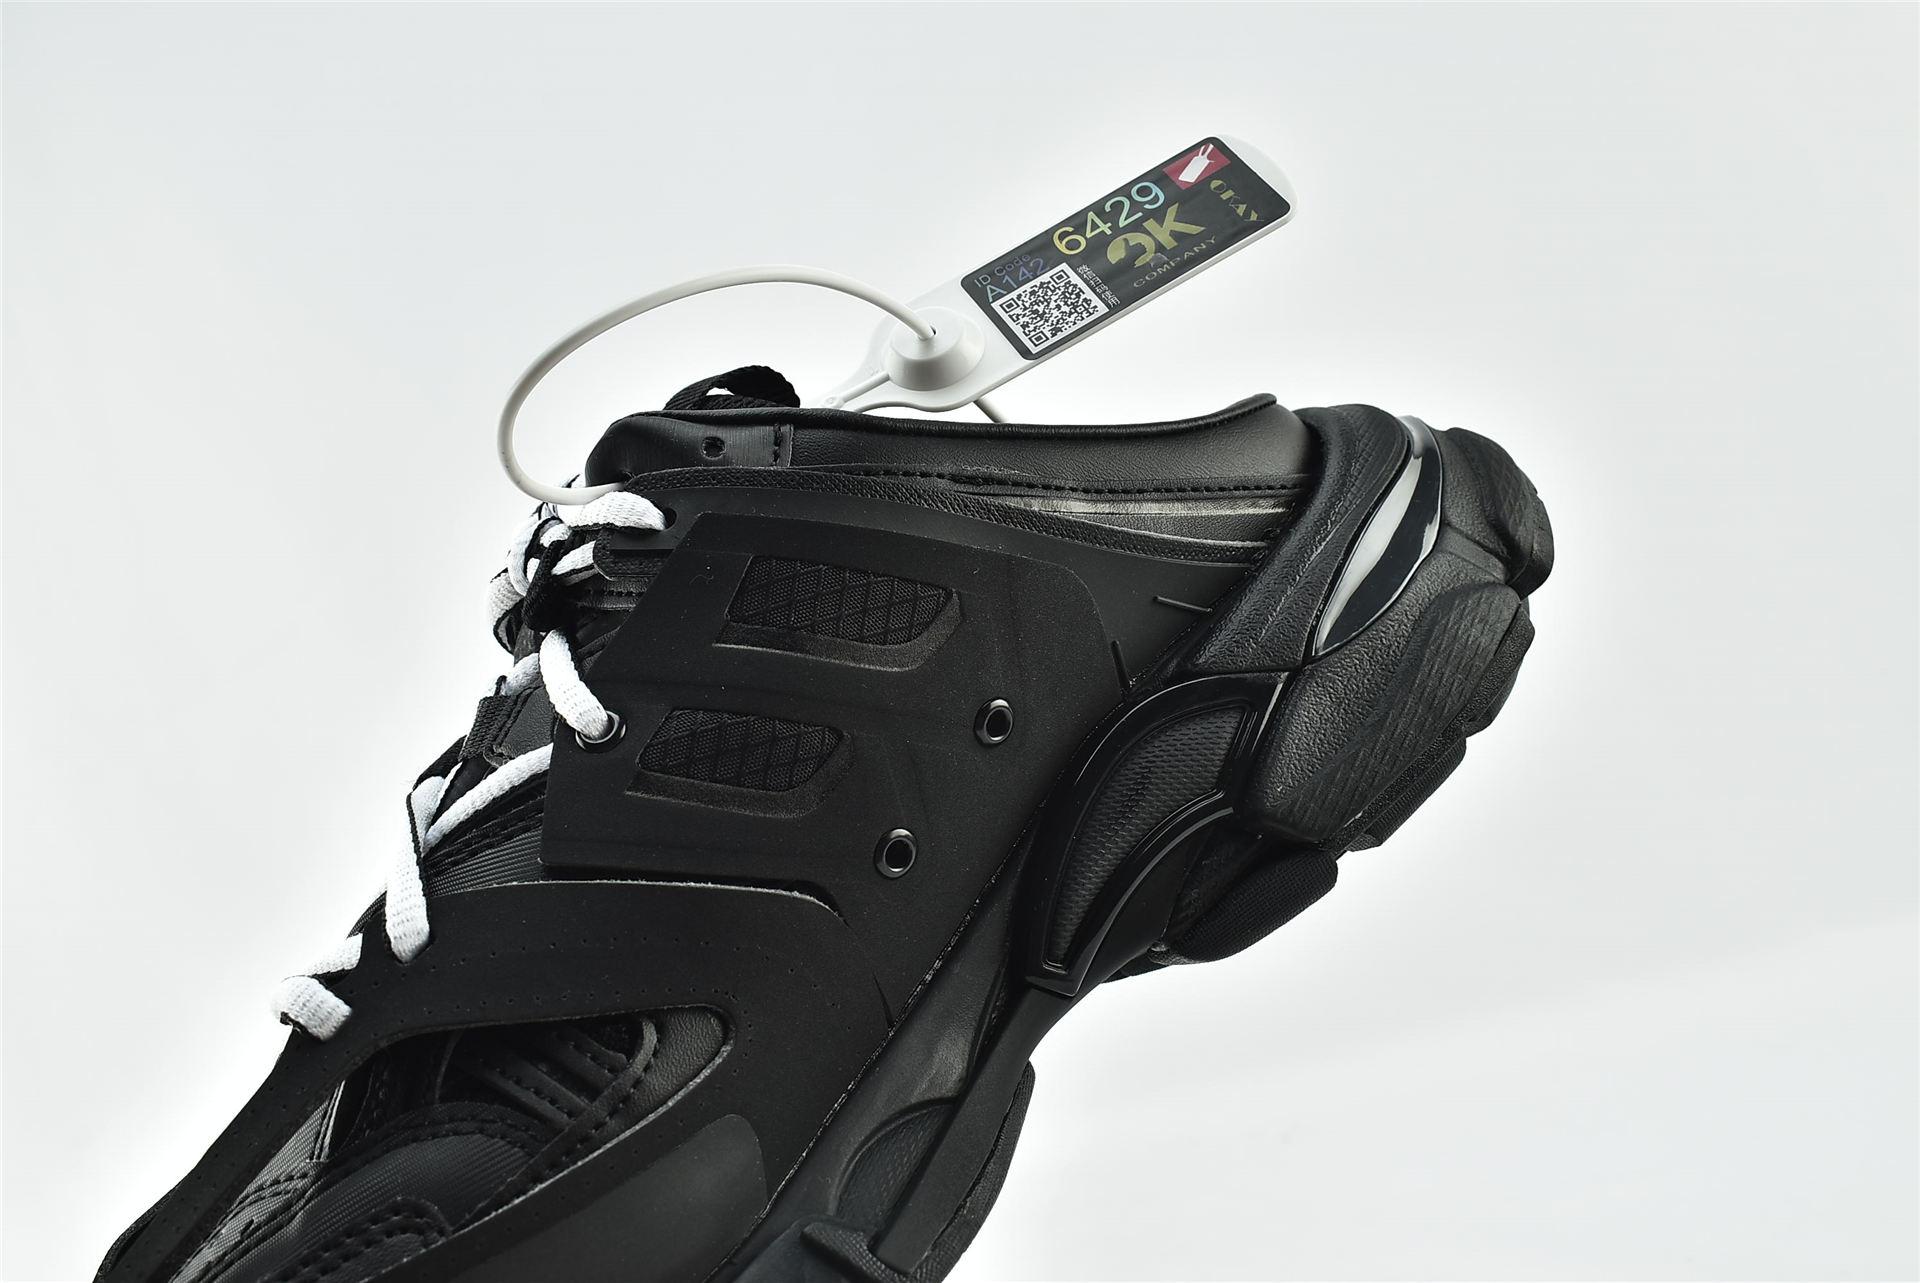 Balenciaga/巴黎世家 3.0 ins复古老爹鞋/非做旧 海外版 黑色 黑武士 半拖  男女鞋  情侣款